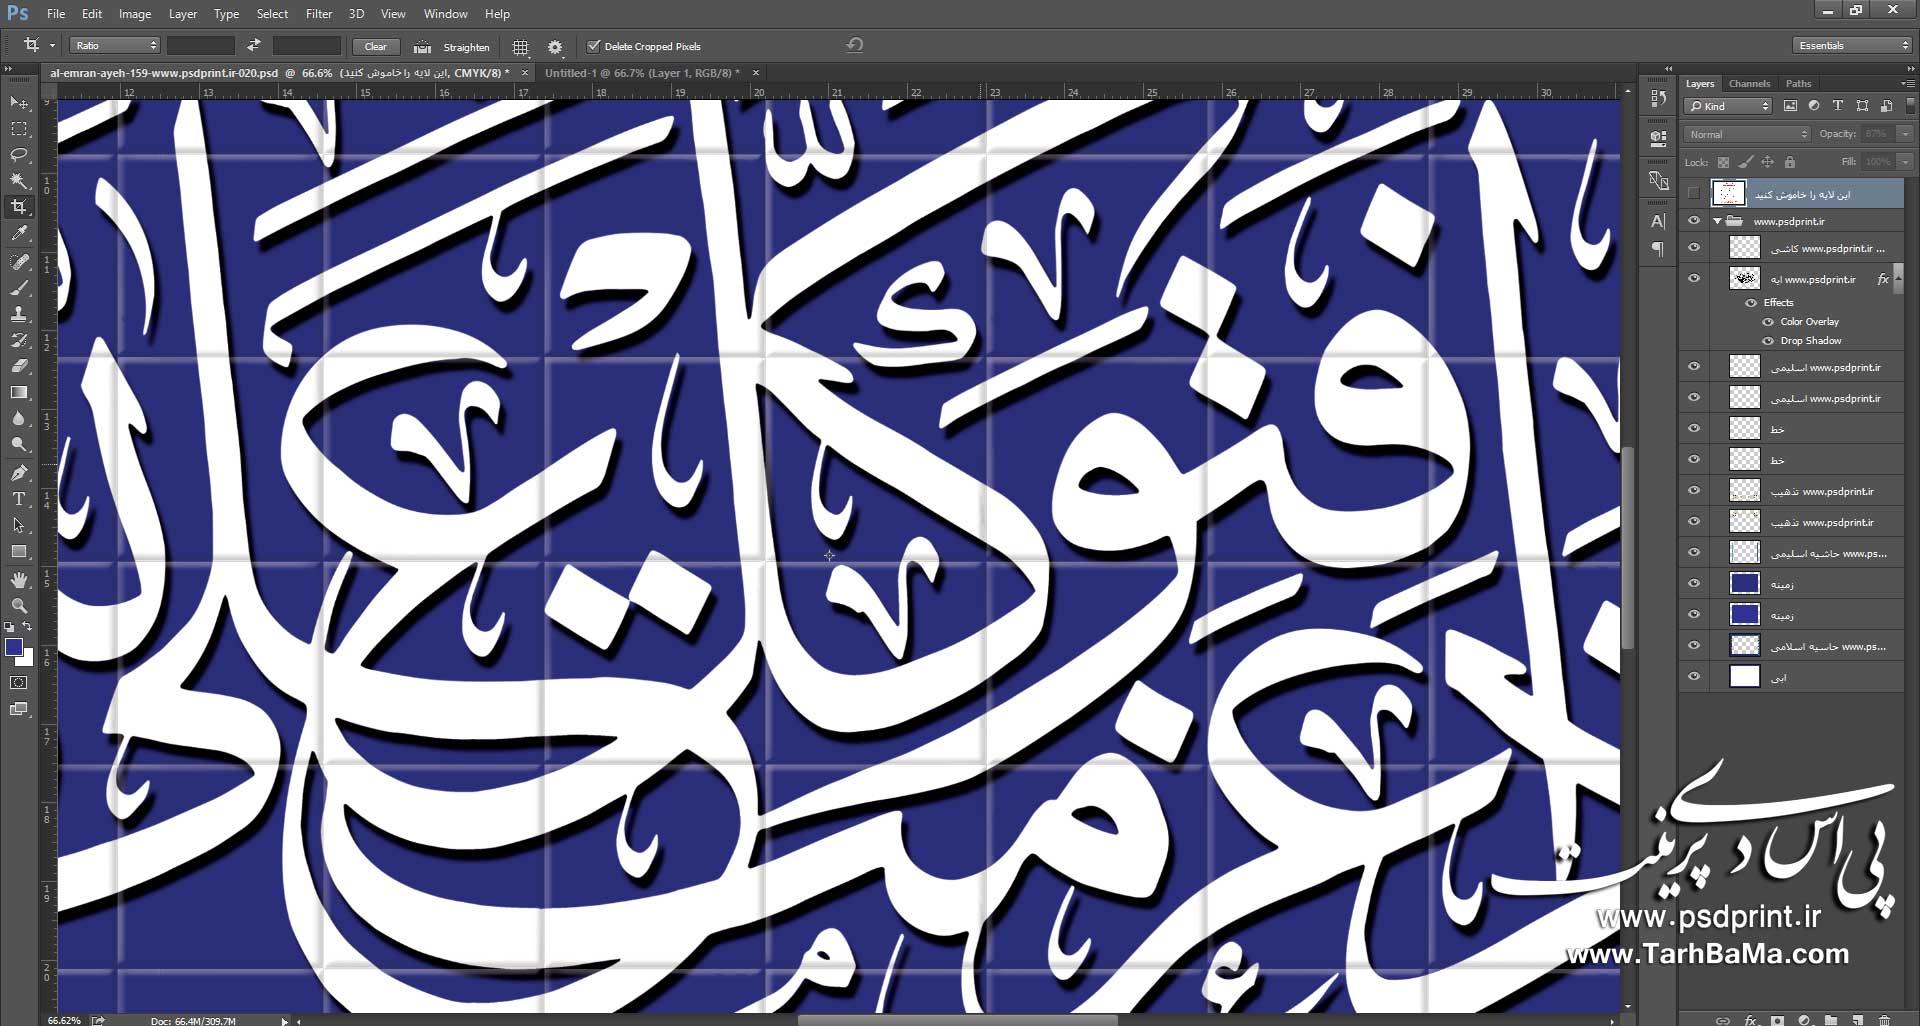 دانلود+طرح+کاشی کاری+فاذا عزمت فتوکل علی الله